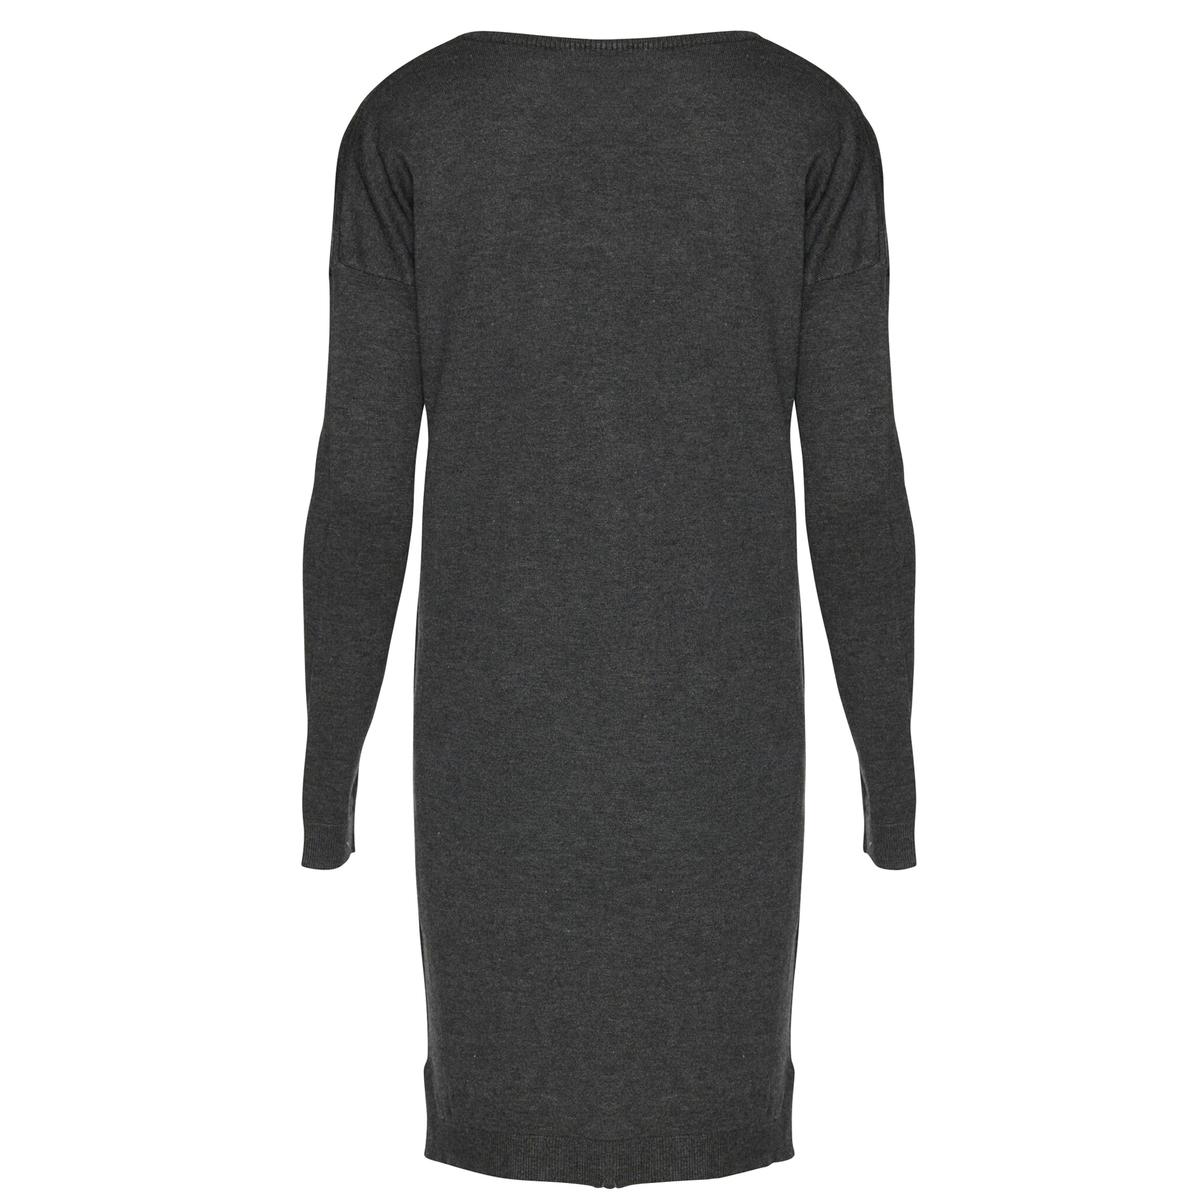 Платье из тонкого трикотажа с V-образным вырезом MAFA DR 5Платье с длинными рукавами MAFA DR 5 от ICHI. Тонкий трикотаж. V-образный вырез. Состав и описаниеМарка: ICHI.Модель: MAFA DR 5.Материалы: 80% вискозы, 20% нейлона.<br><br>Цвет: темно-серый